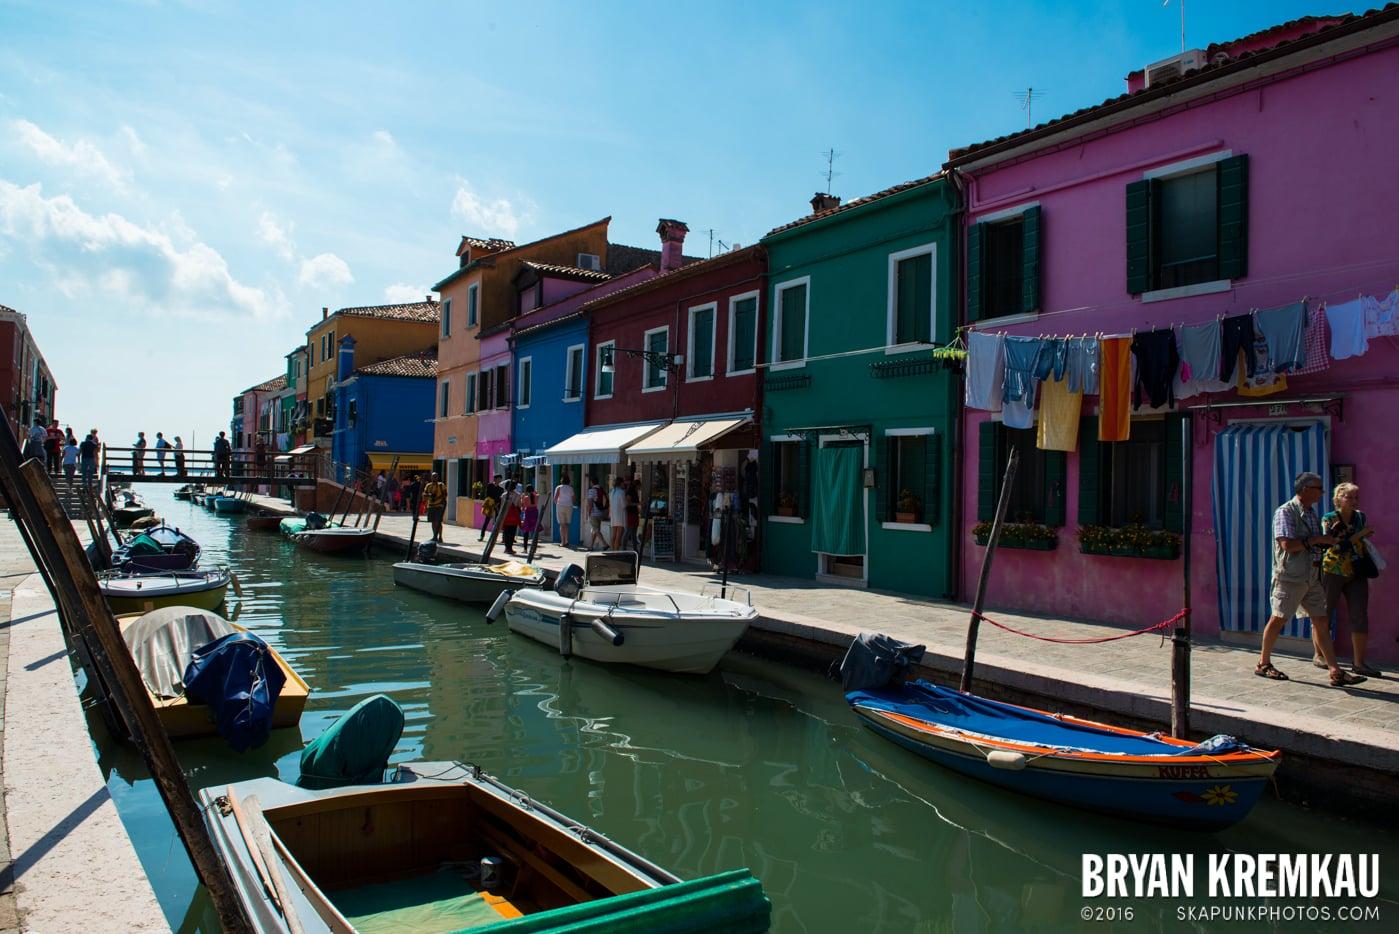 Italy Vacation - Day 6: Murano, Burano, Venice - 9.14.13 (31)